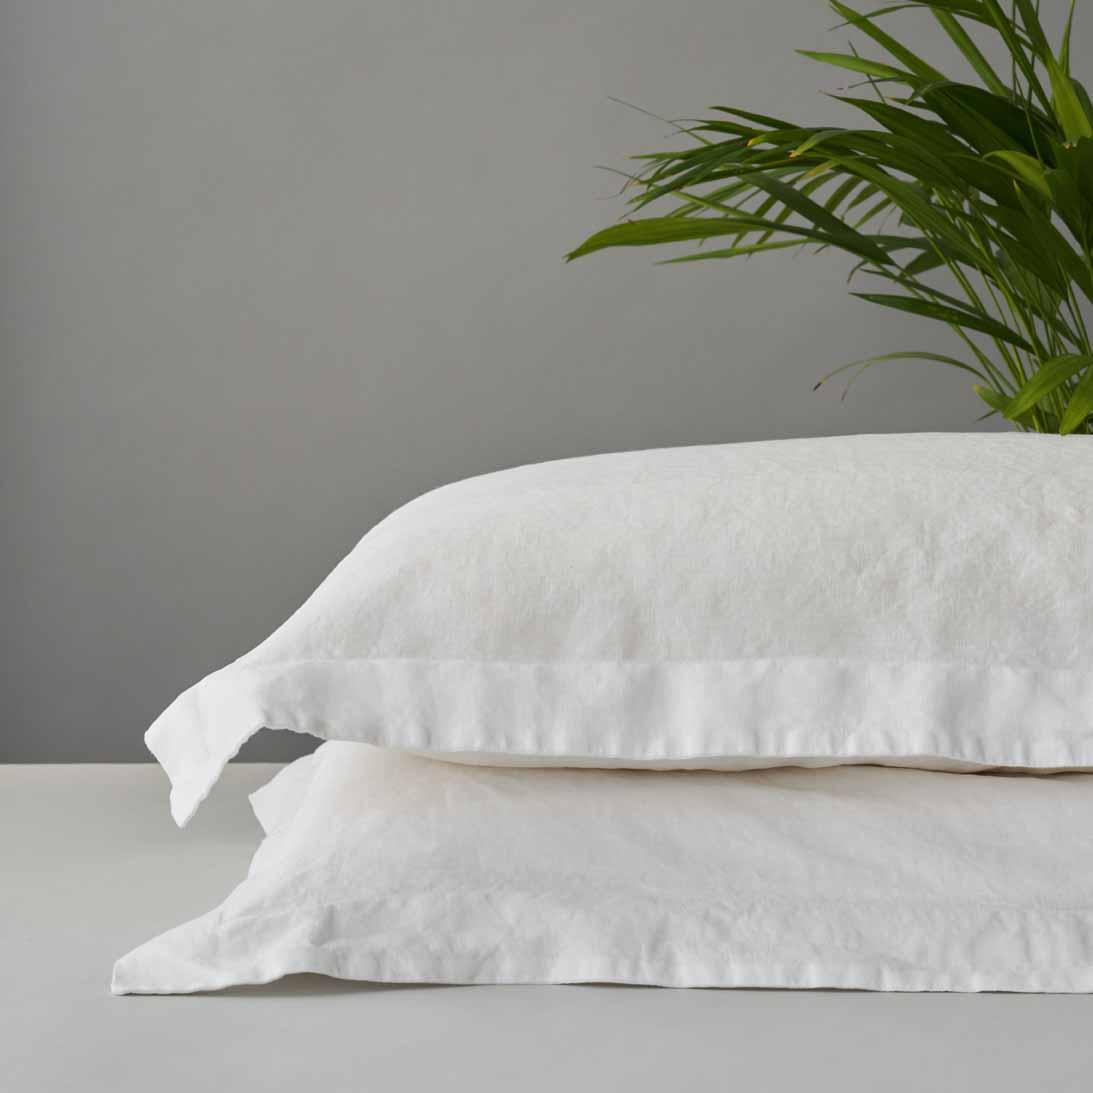 Organic Linen Pillow Cases